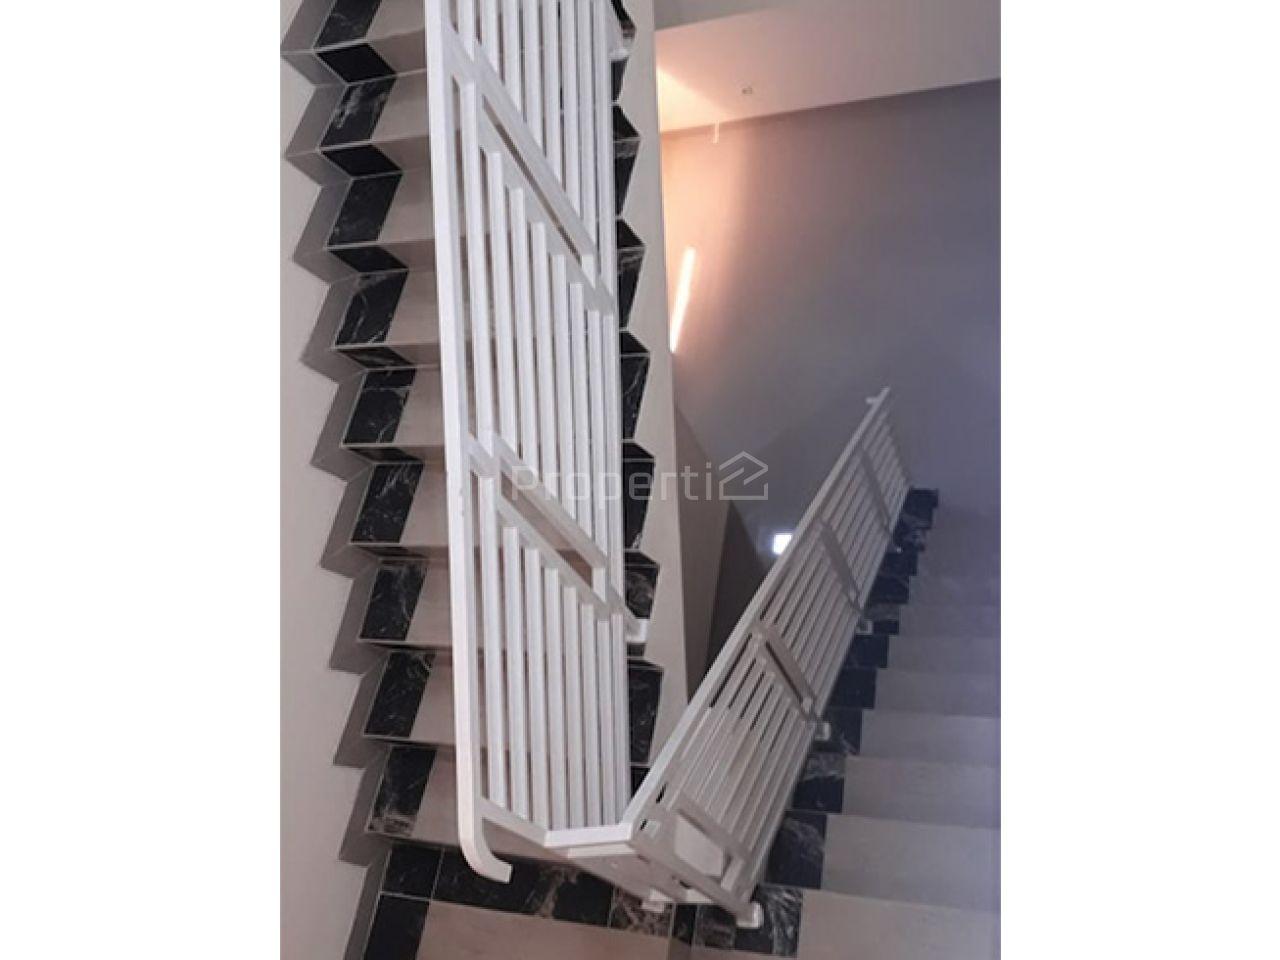 Rumah Baru 2 Lantai di Cijantung, Jakarta Timur